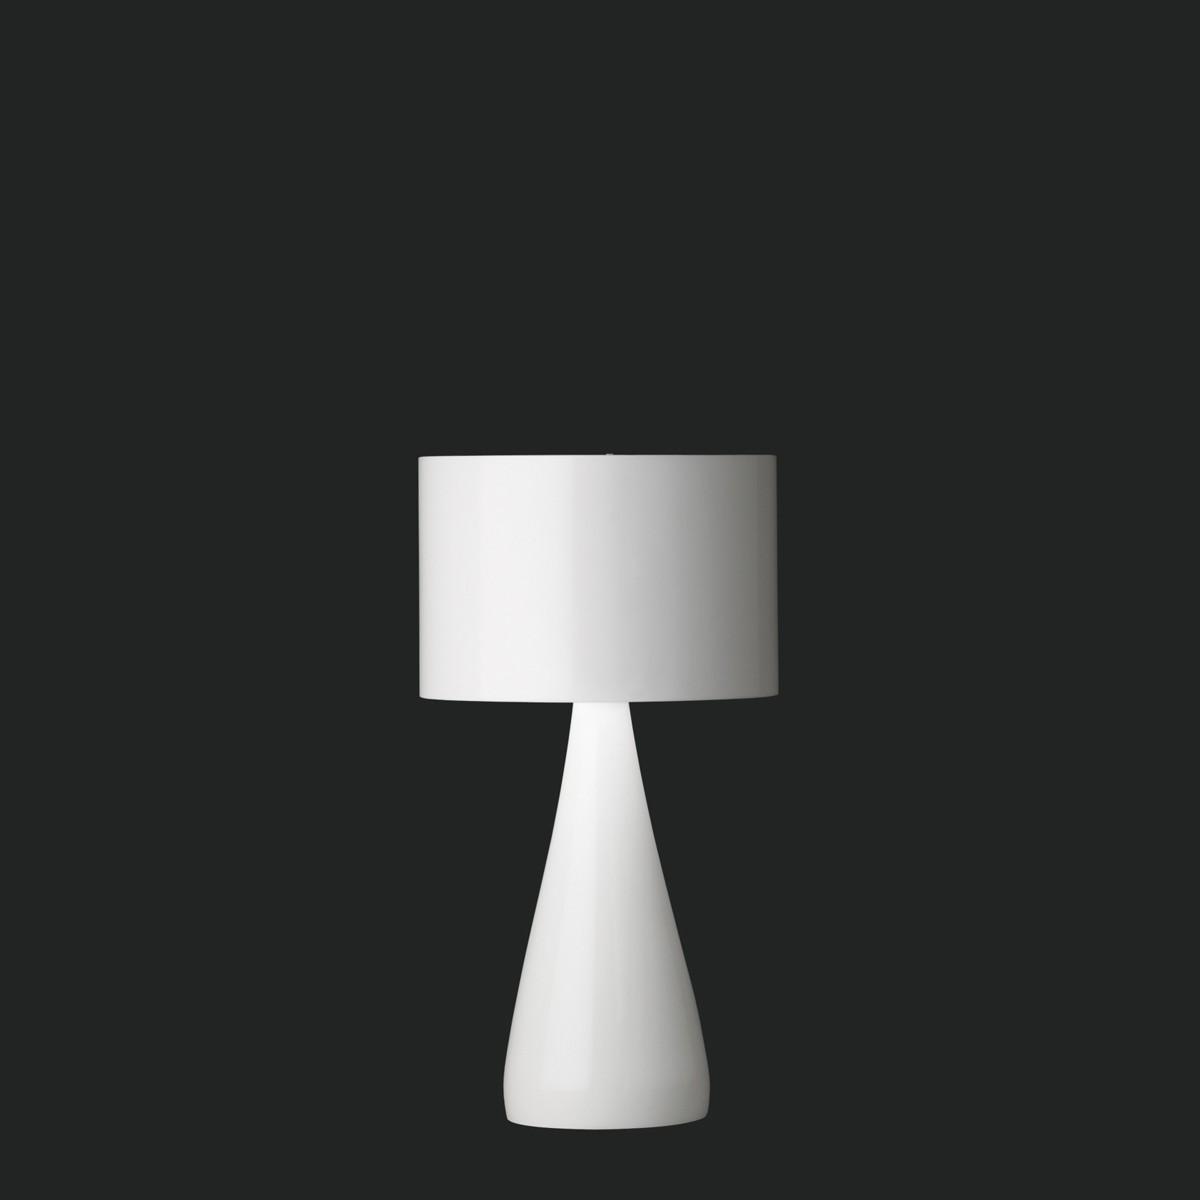 Vibia Jazz Mini 1332 Tischleuchte, weiß glänzend